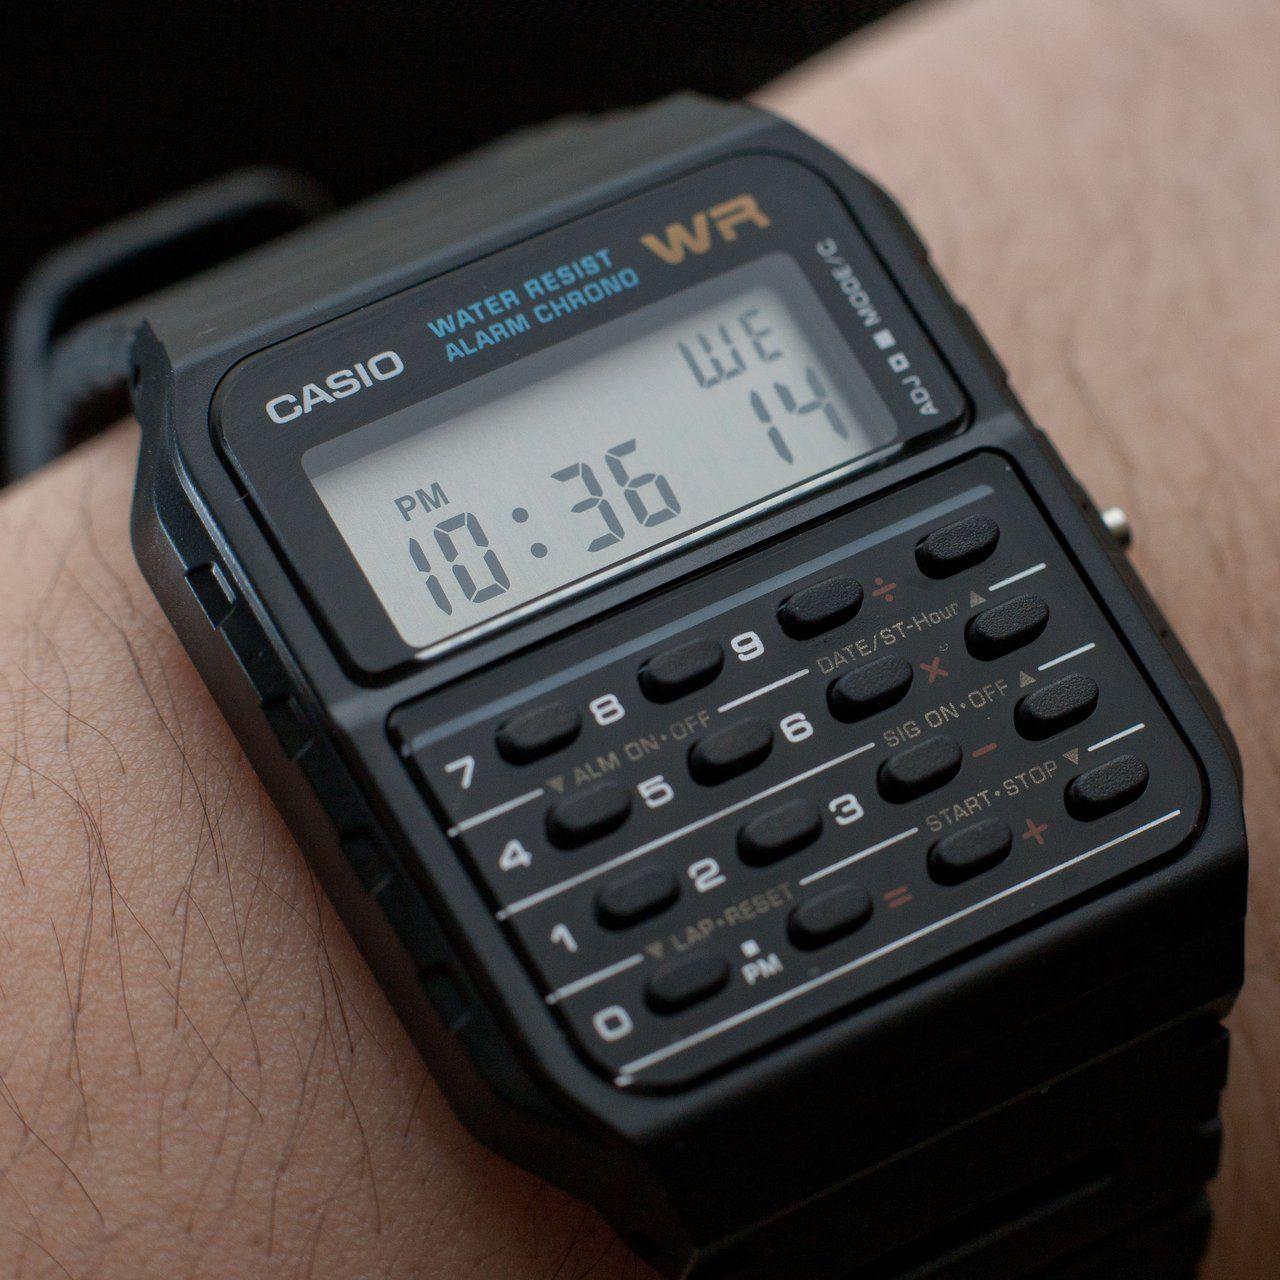 Casio Calculator Watch #Calculator, #Digital, #Watch